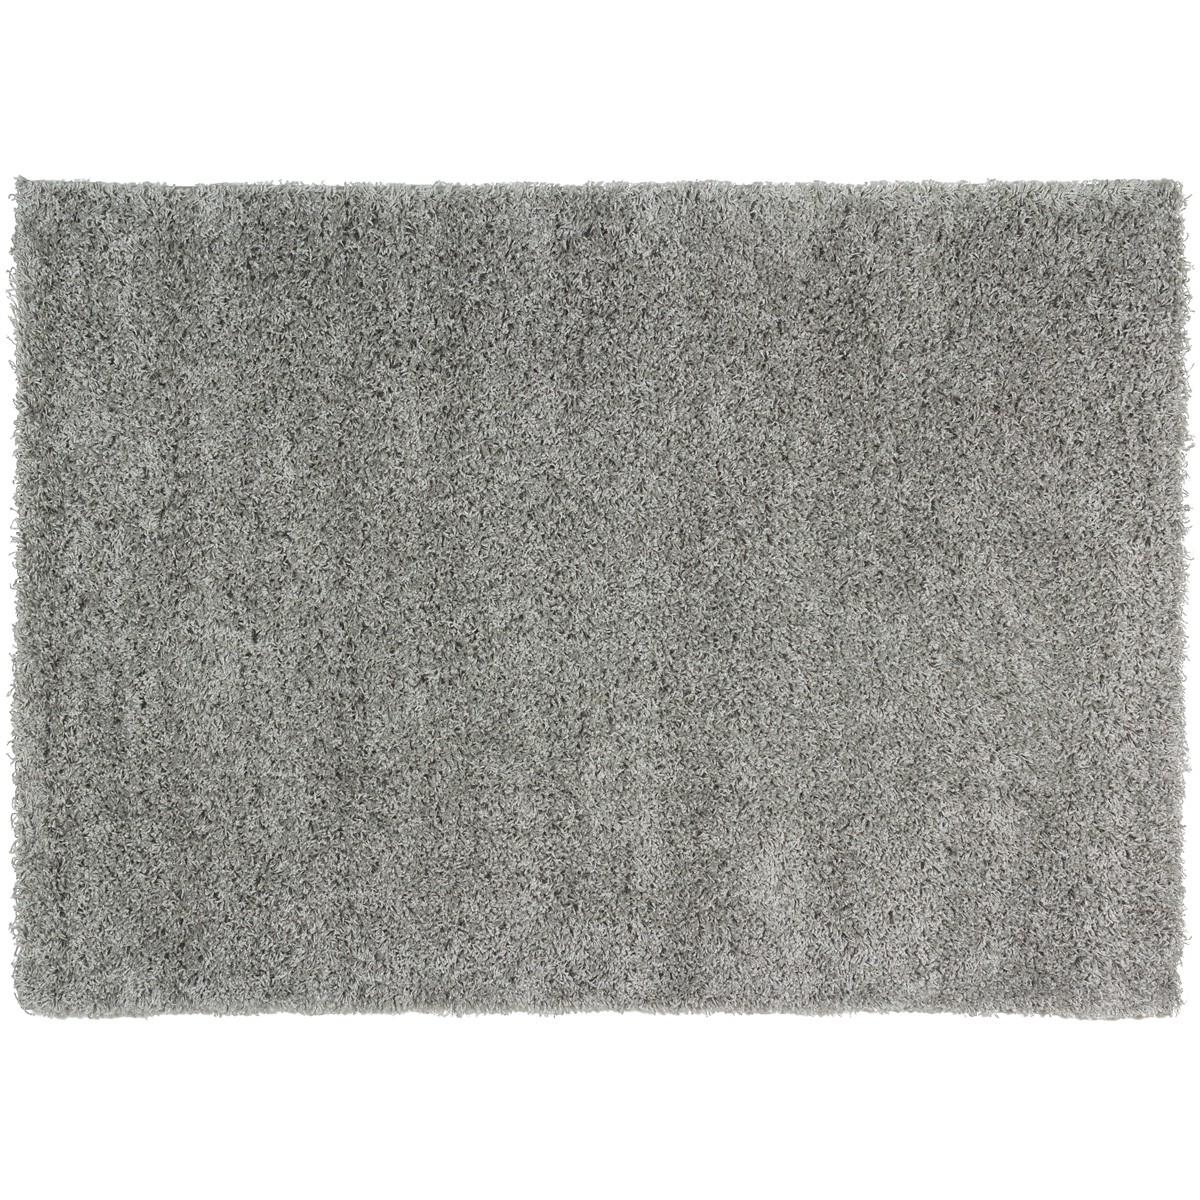 shaggy teppich rund grau die neueste innovation der. Black Bedroom Furniture Sets. Home Design Ideas